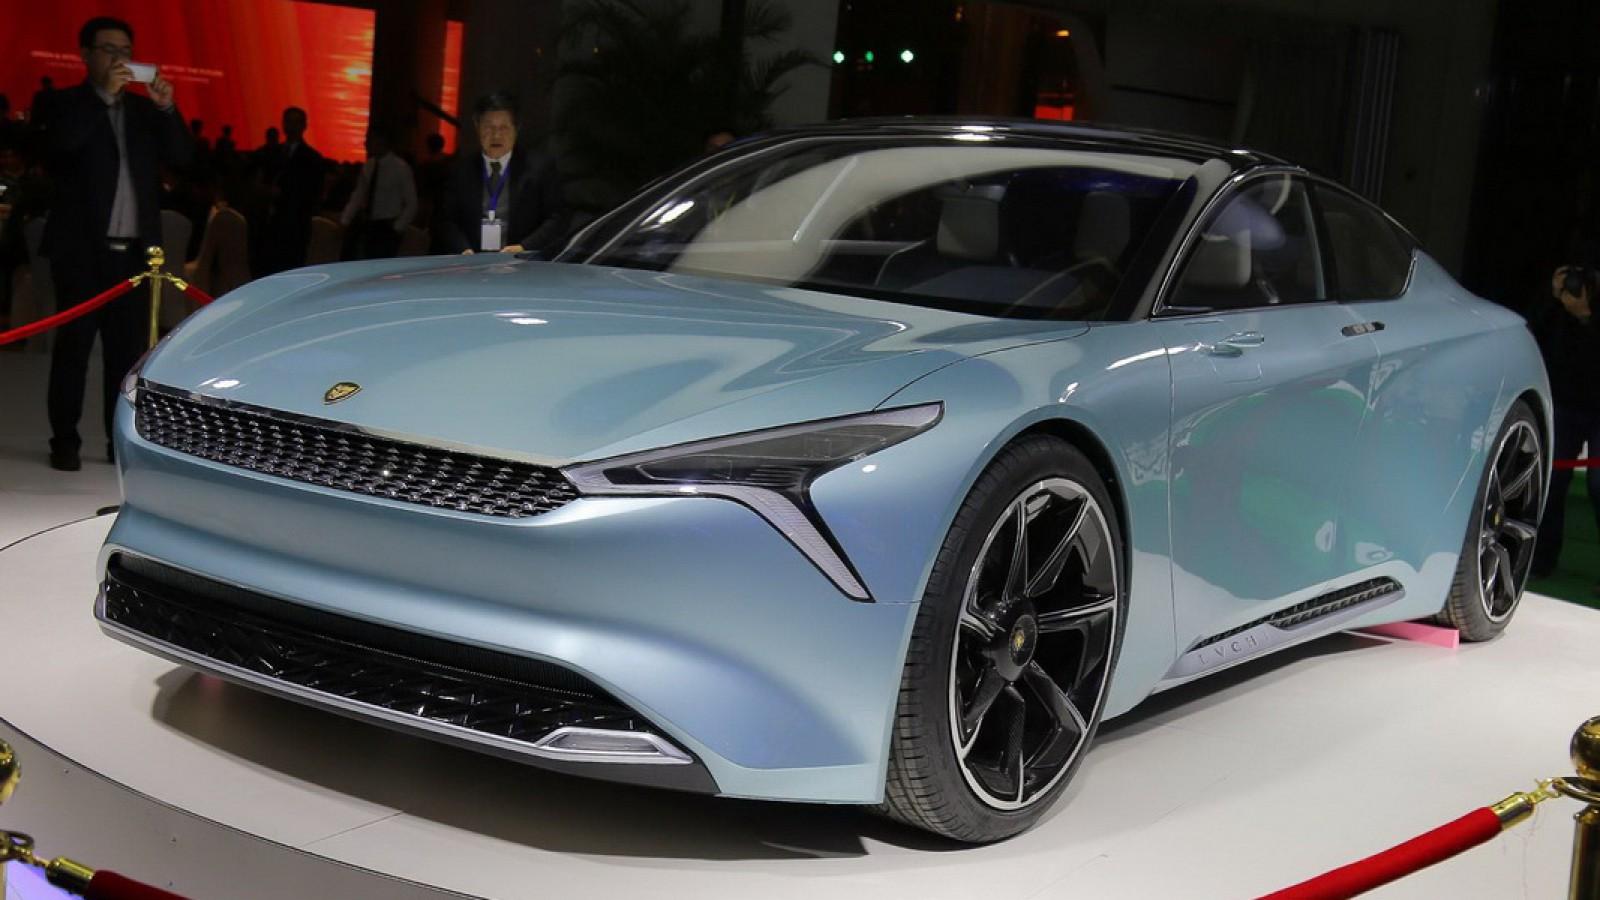 (foto) Un nou producător de electromobile! Va lansa opt maşini până în 2021 şi iată conceptul primei